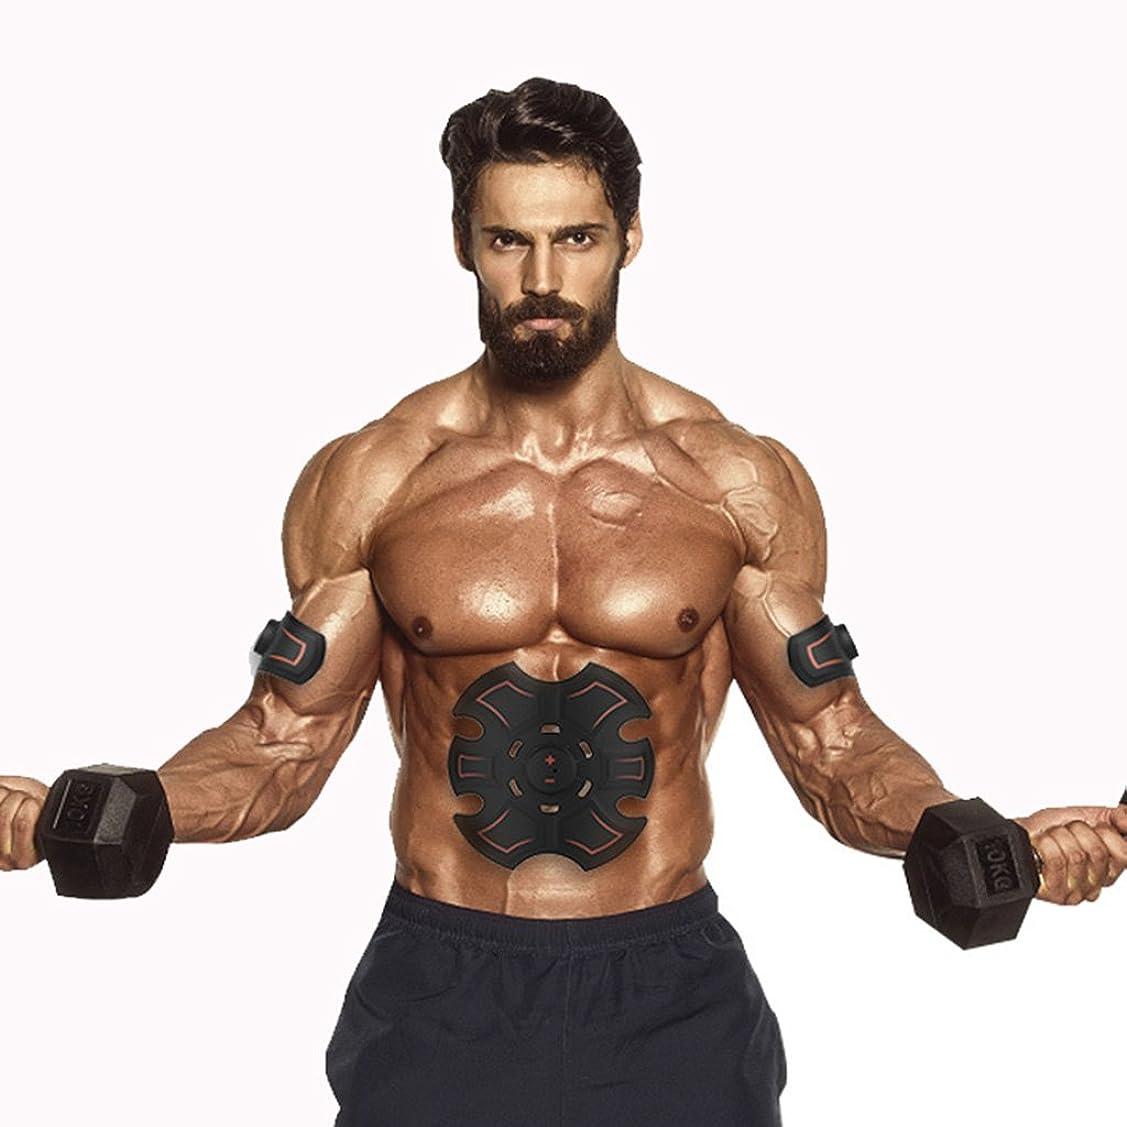 九月最初に細心のGBR- 腹部の筋肉Toner?2018腹部の筋肉EMSスマート腹部の腹部の人工物のマッサージャーミニ腹部のステッカー(黒+赤)